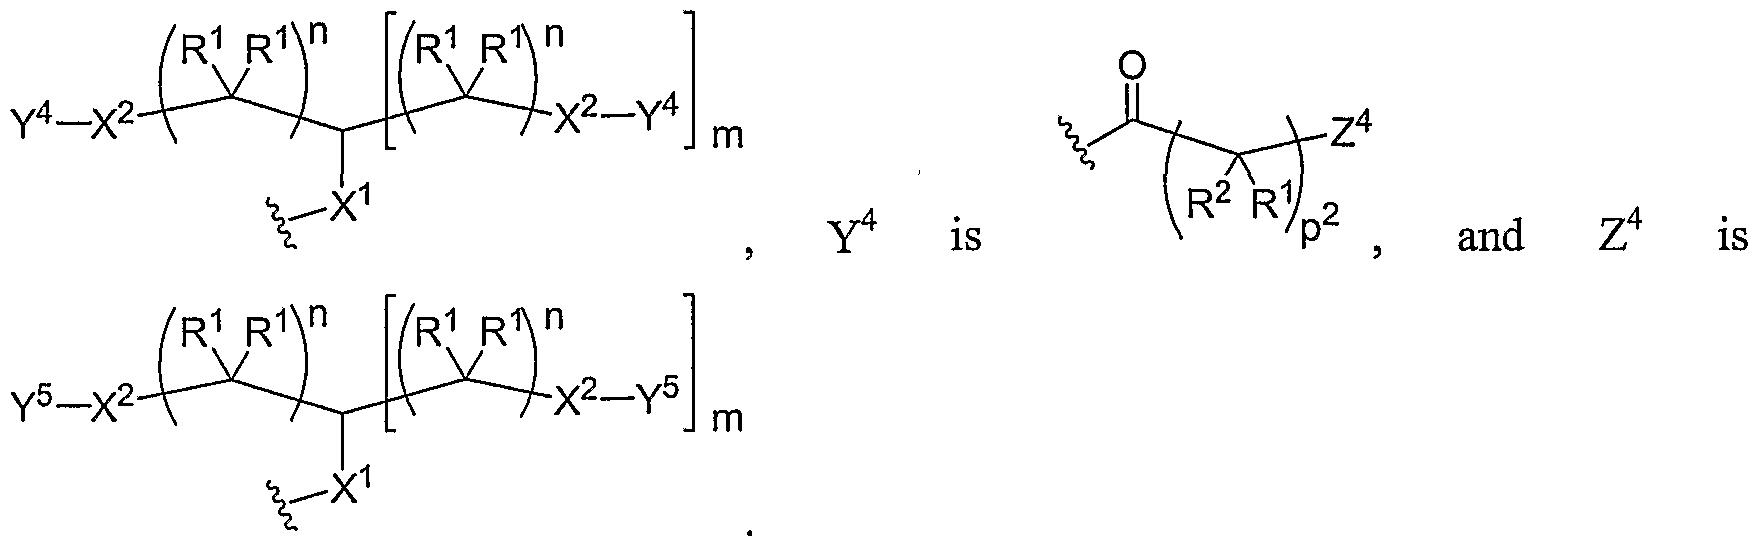 Figure imgf000320_0001